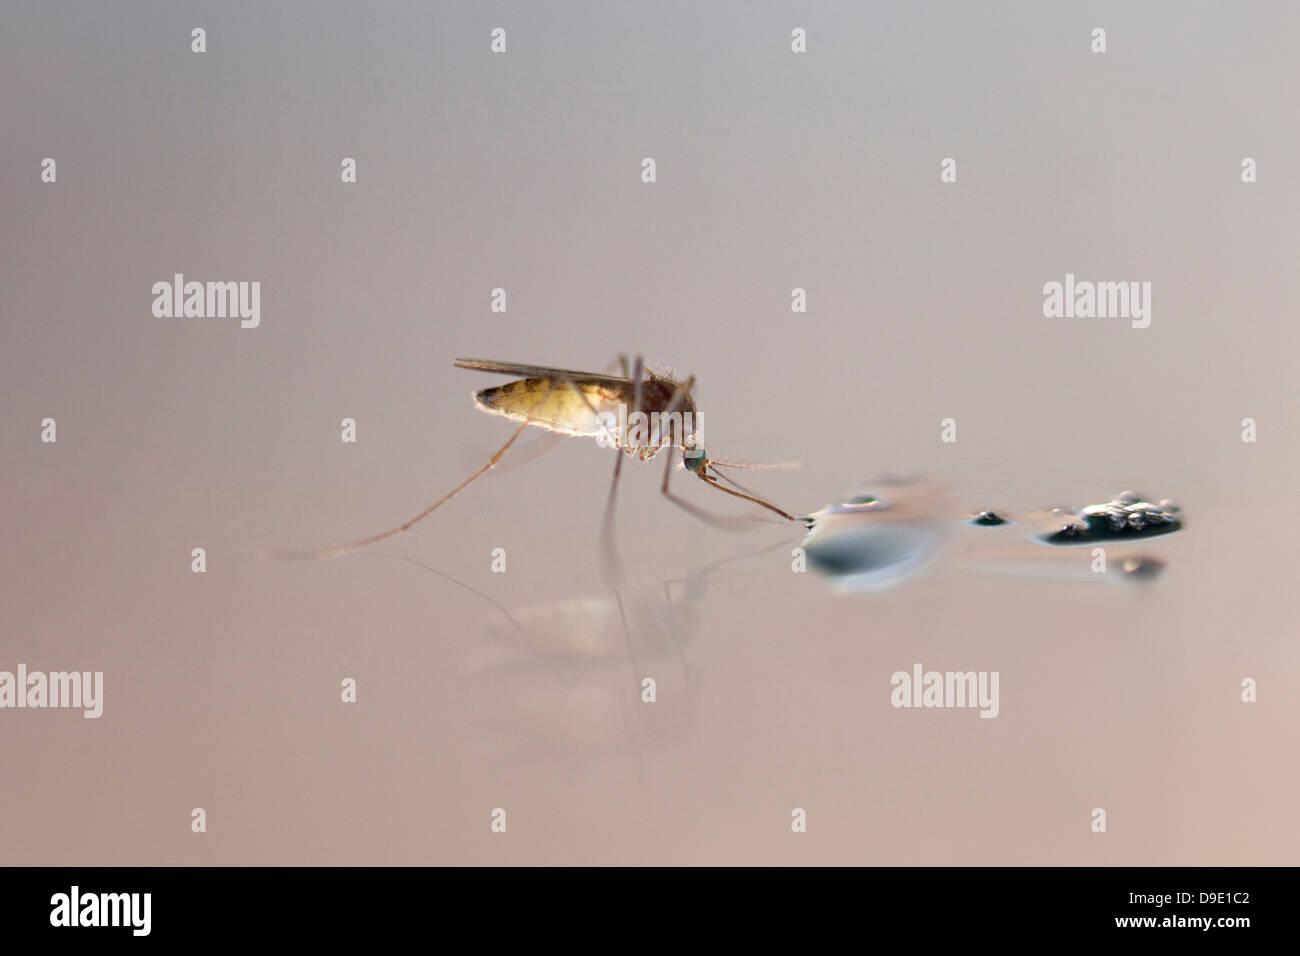 Nahaufnahme einer Mücke Trinkwasser Stockbild